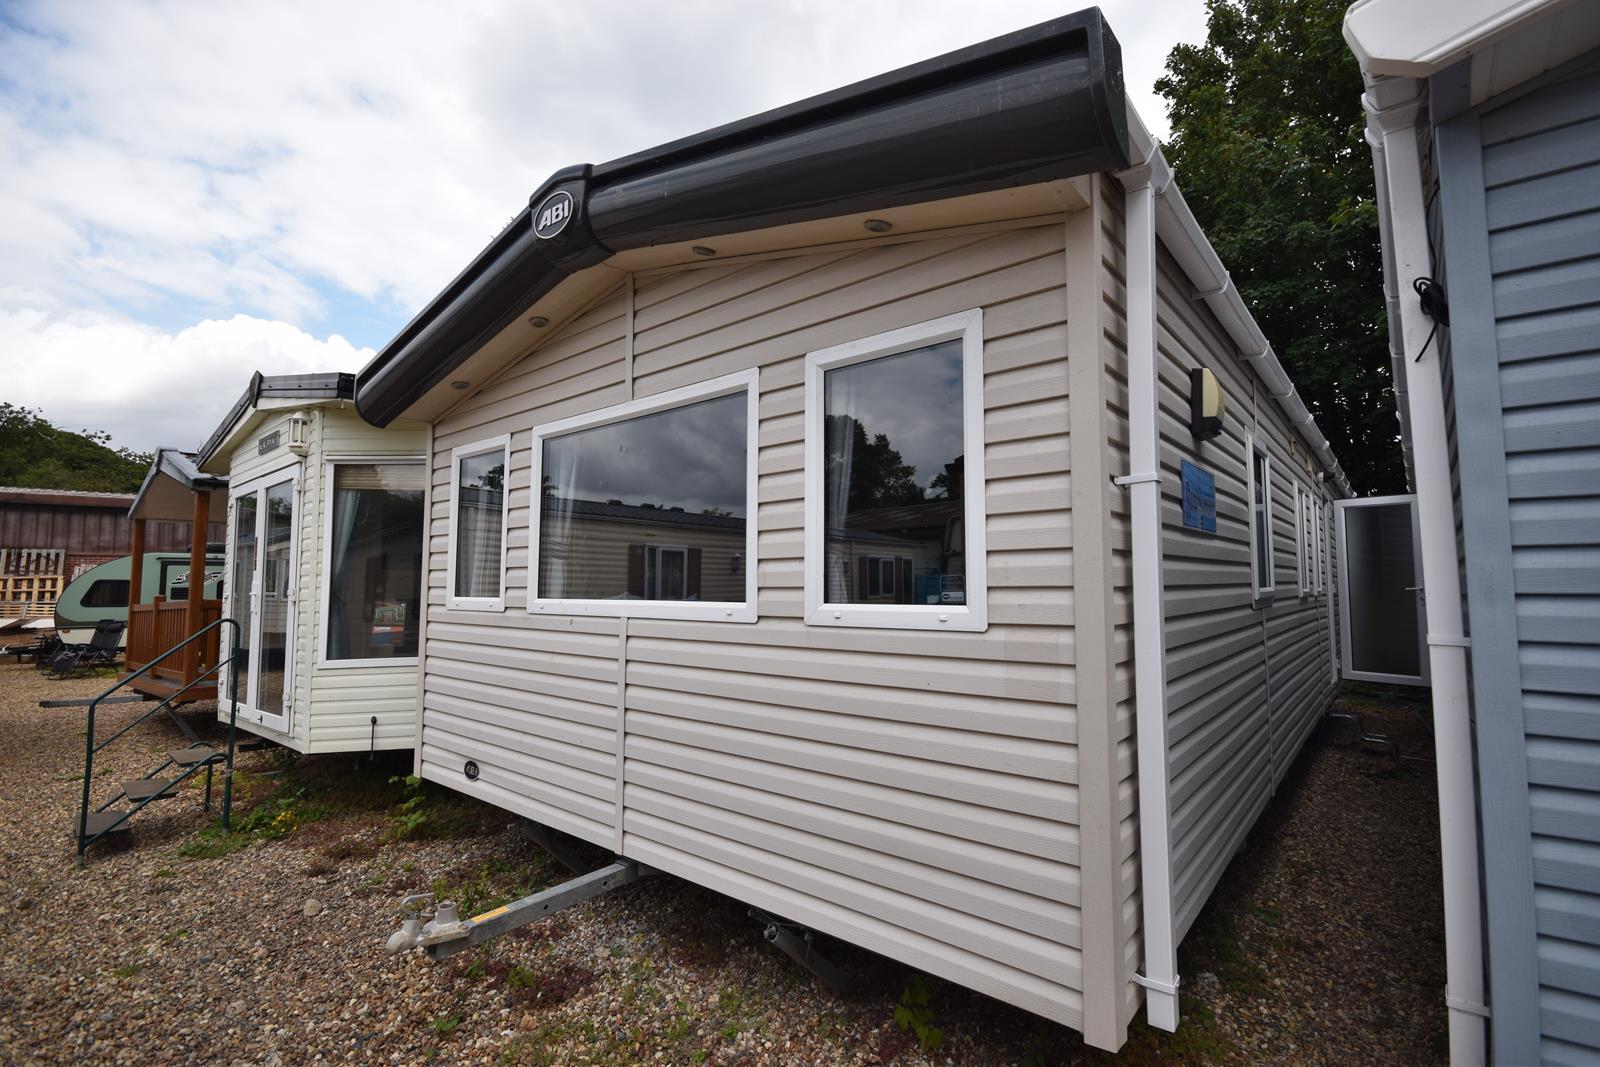 ABI Beachcomber Special Mobile Home Exterior